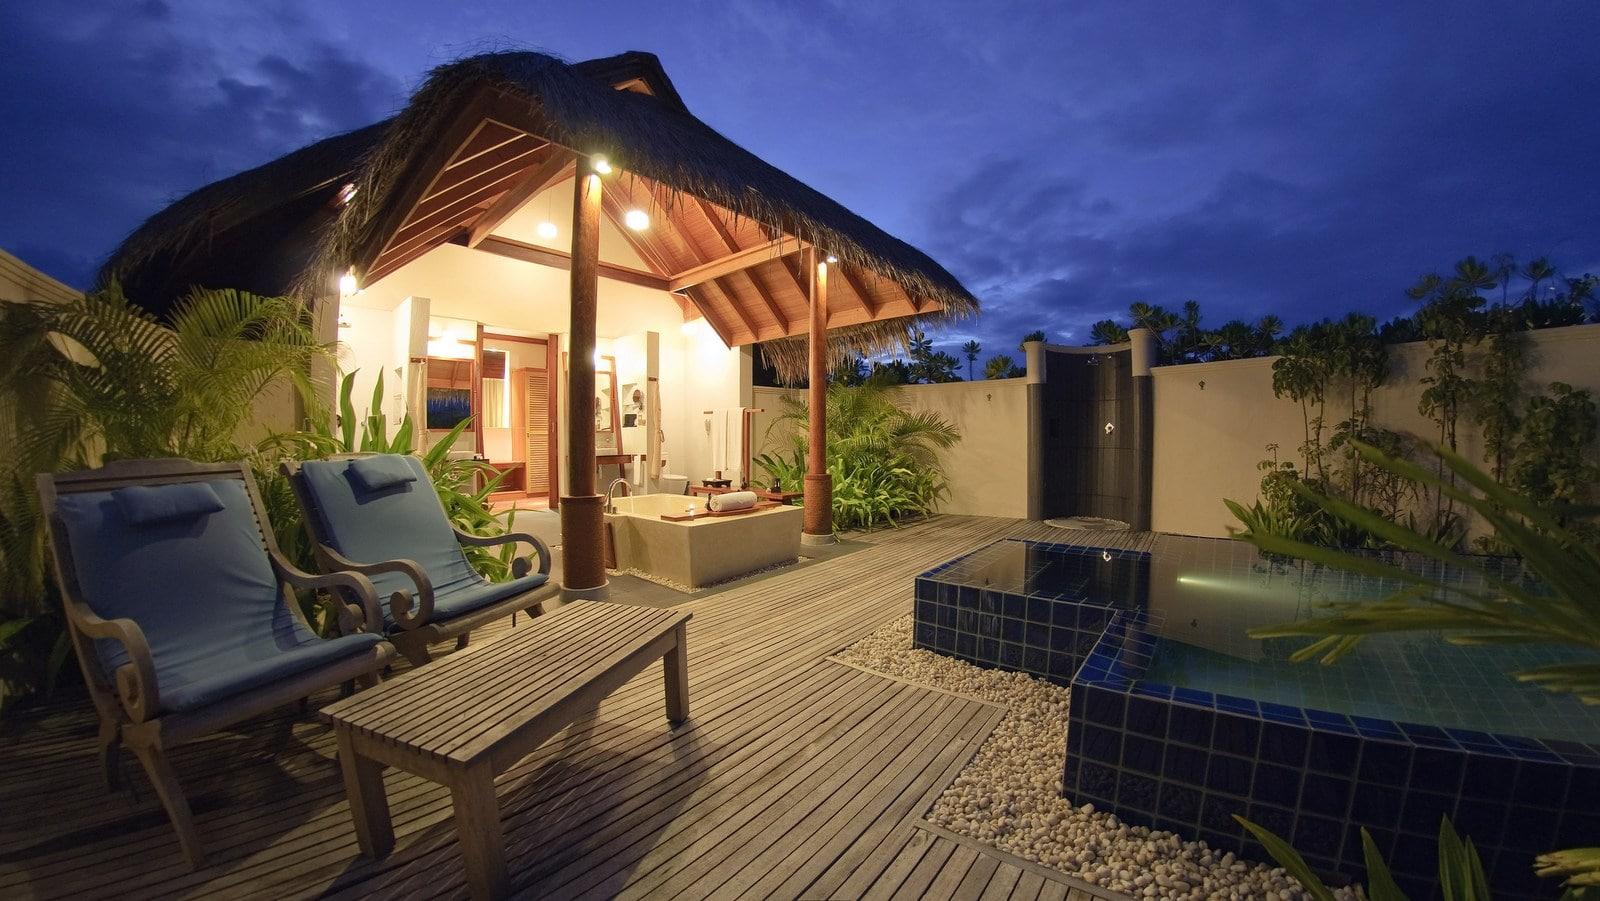 Мальдивы, отель Anantara Dhigu Maldives Resort, номер Sunset Pool Villa